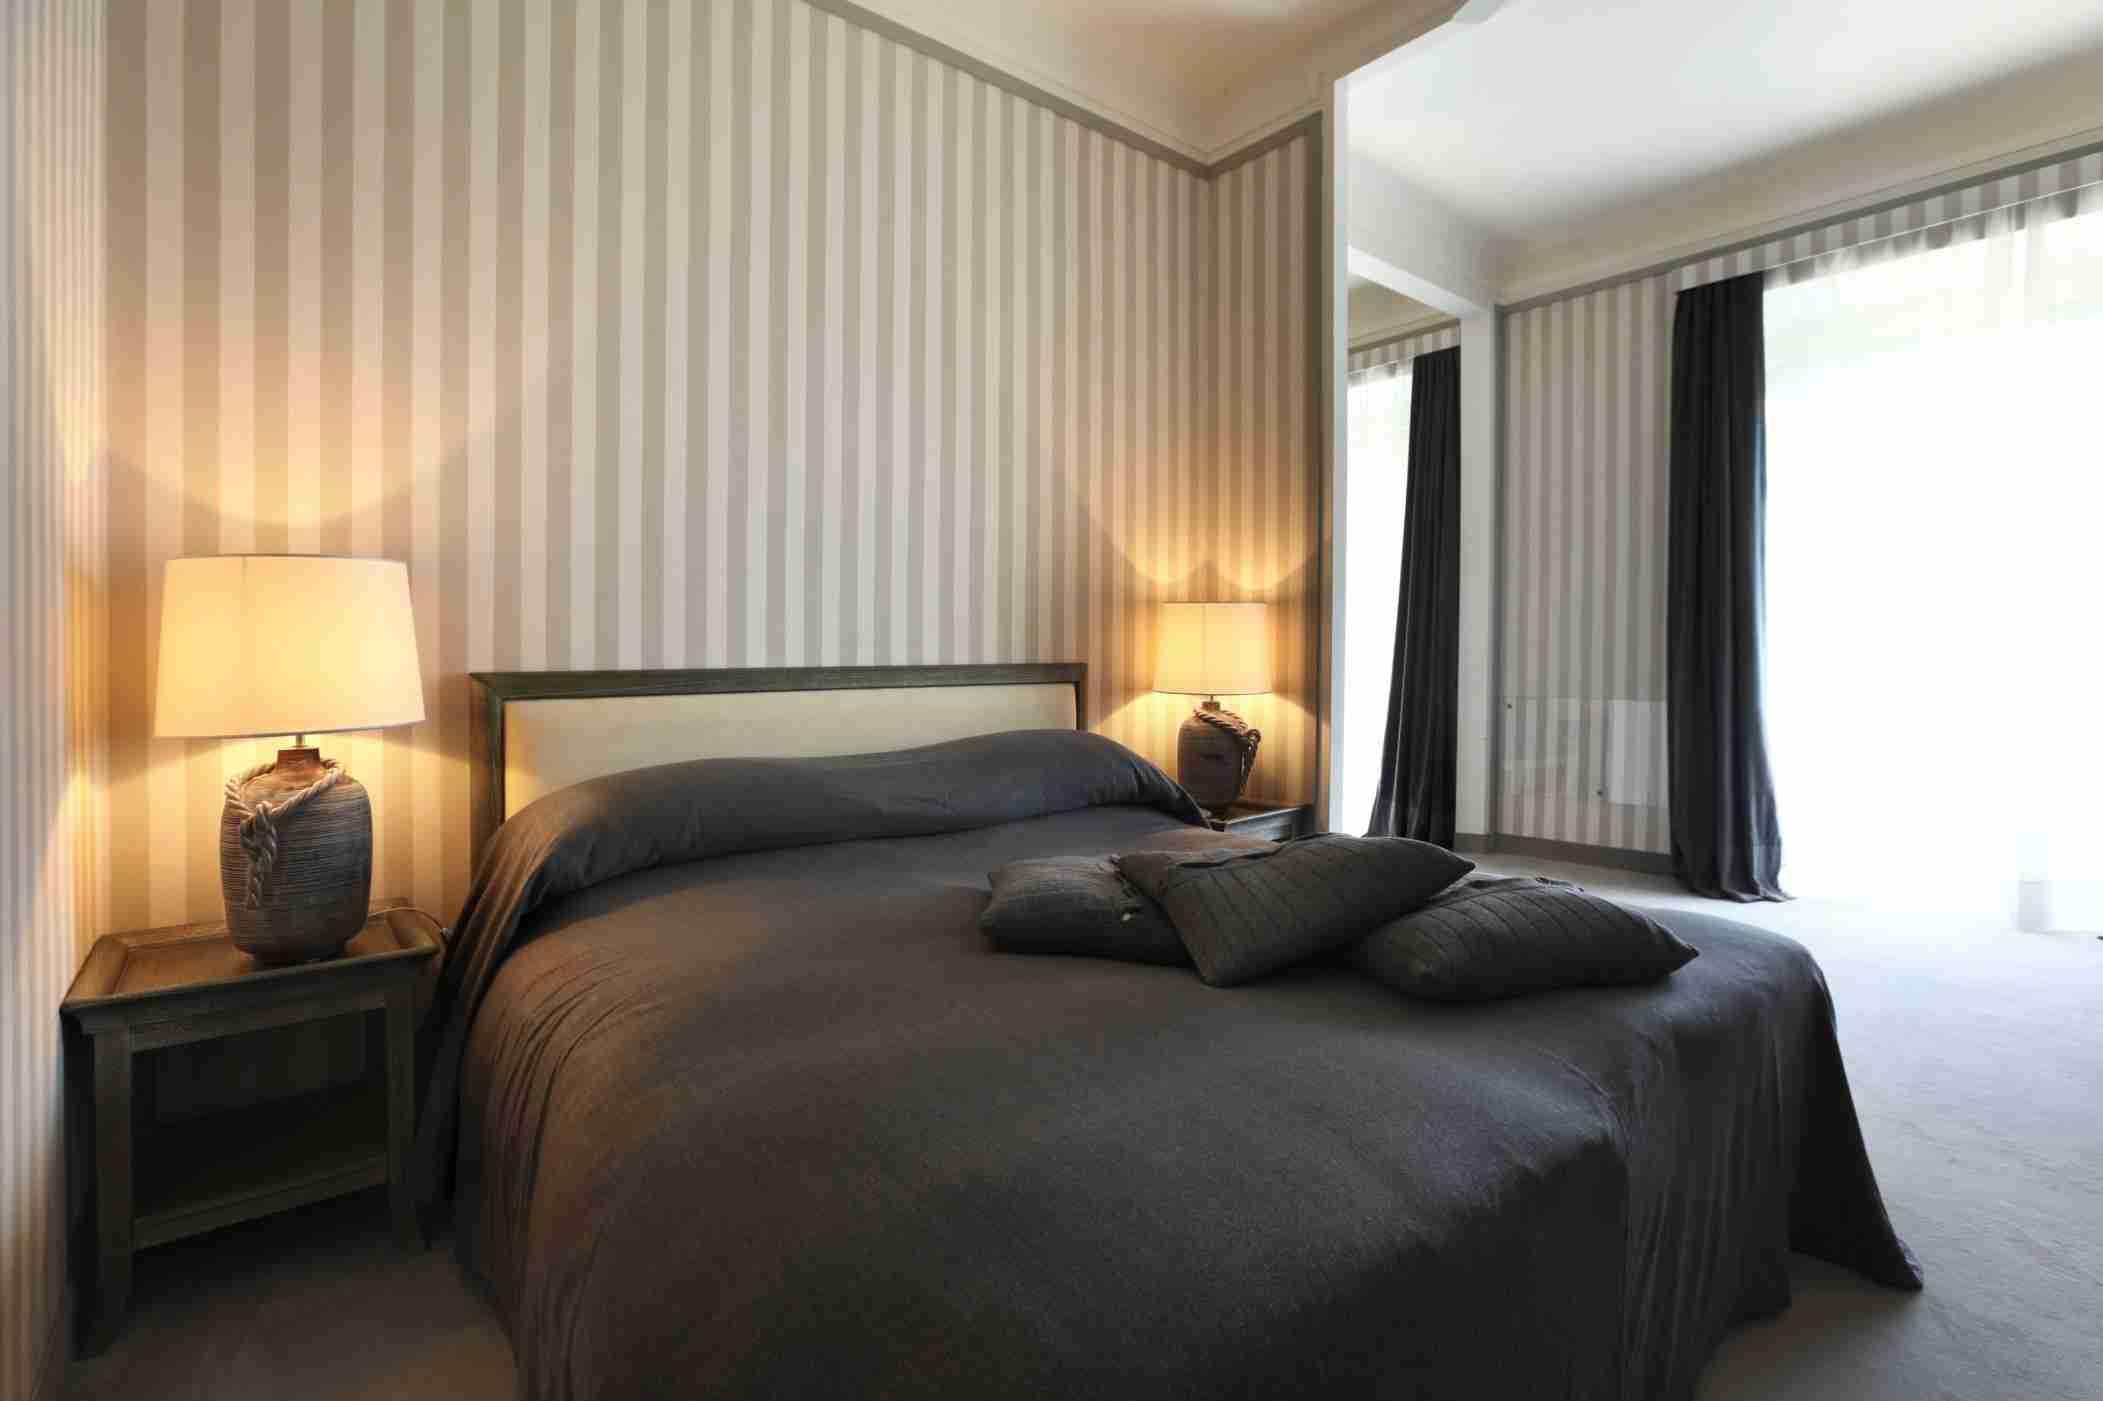 Come insonorizzare una camera da letto - Murales camera da letto ...